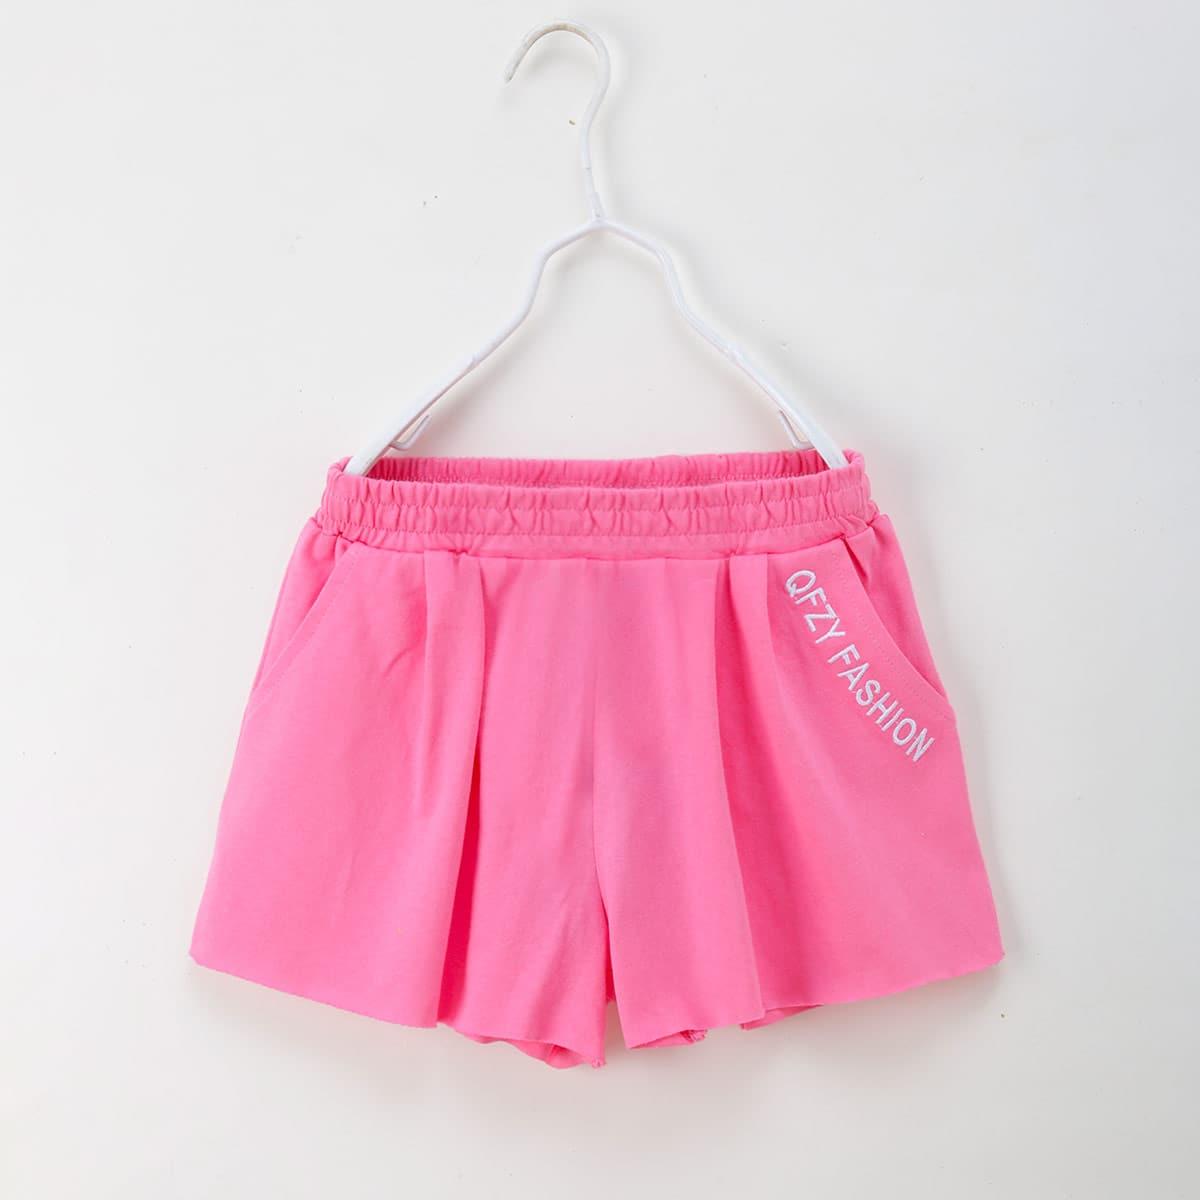 Шорты с карманом и текстовой вышивкой для девочек